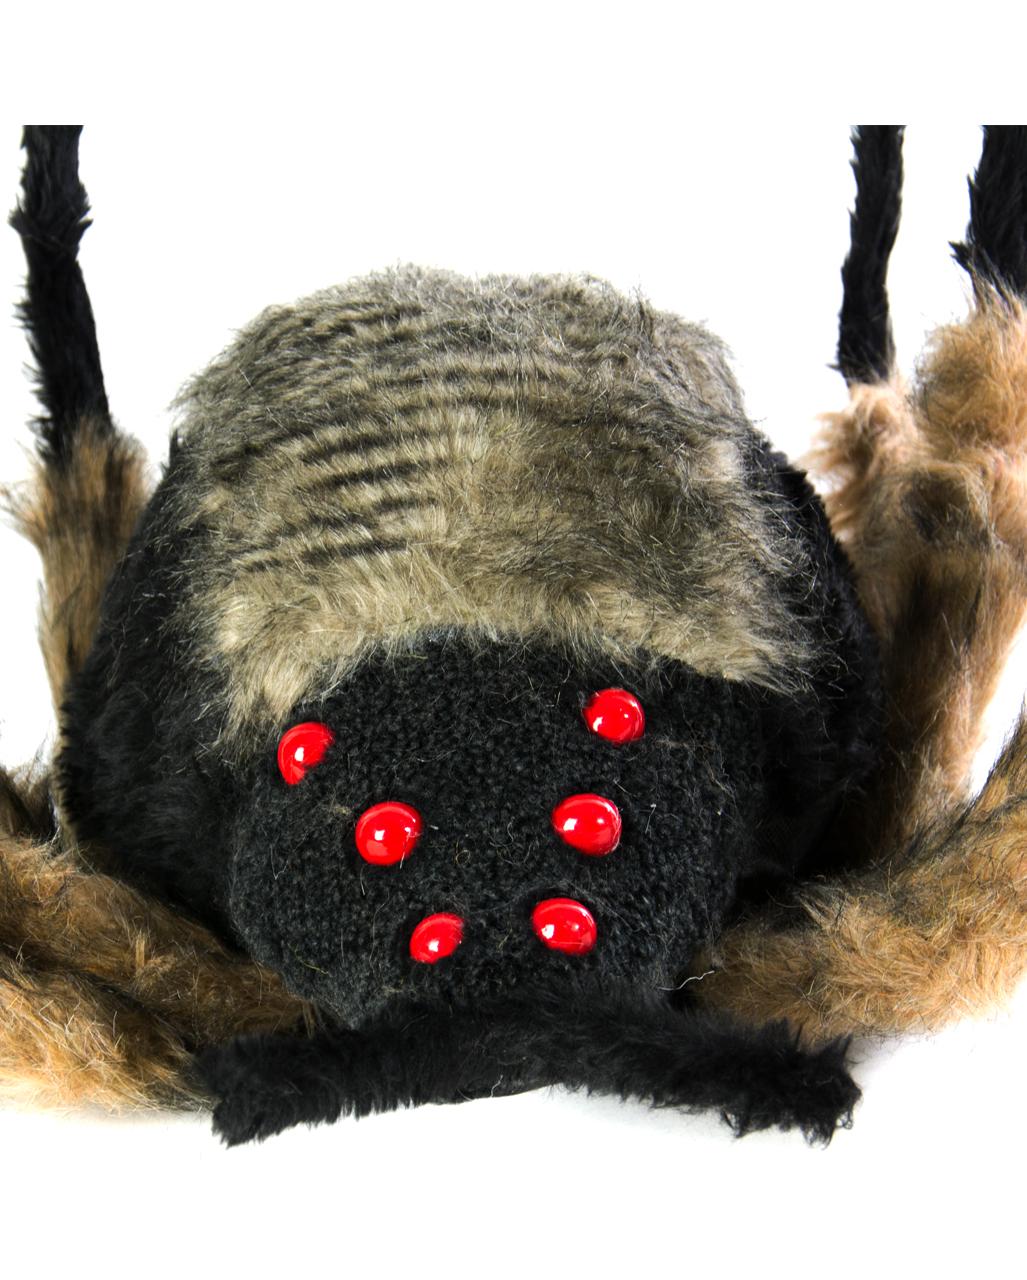 riesen spinne mit leuchtenden augen als halloween deko horror. Black Bedroom Furniture Sets. Home Design Ideas